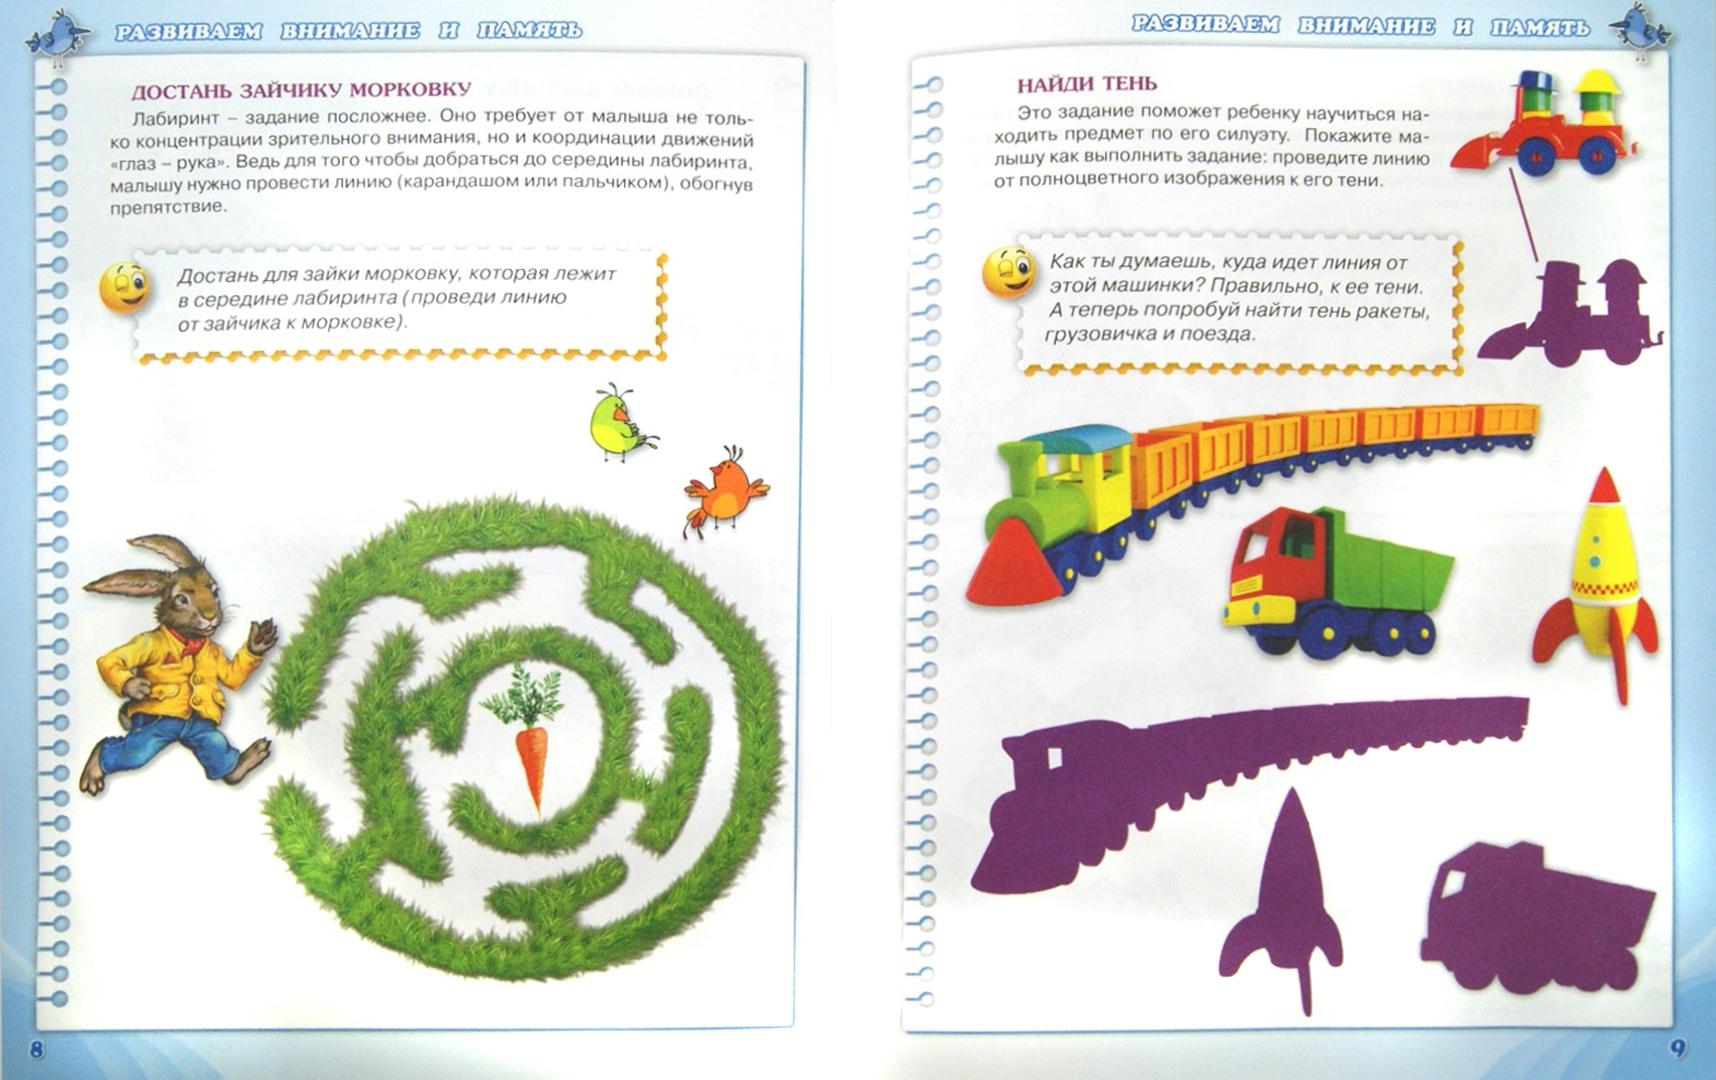 Иллюстрация 1 из 6 для Учимся играя. Методическое пособие для занятий с детьми 3-4 лет - Олеся Жукова   Лабиринт - книги. Источник: Лабиринт